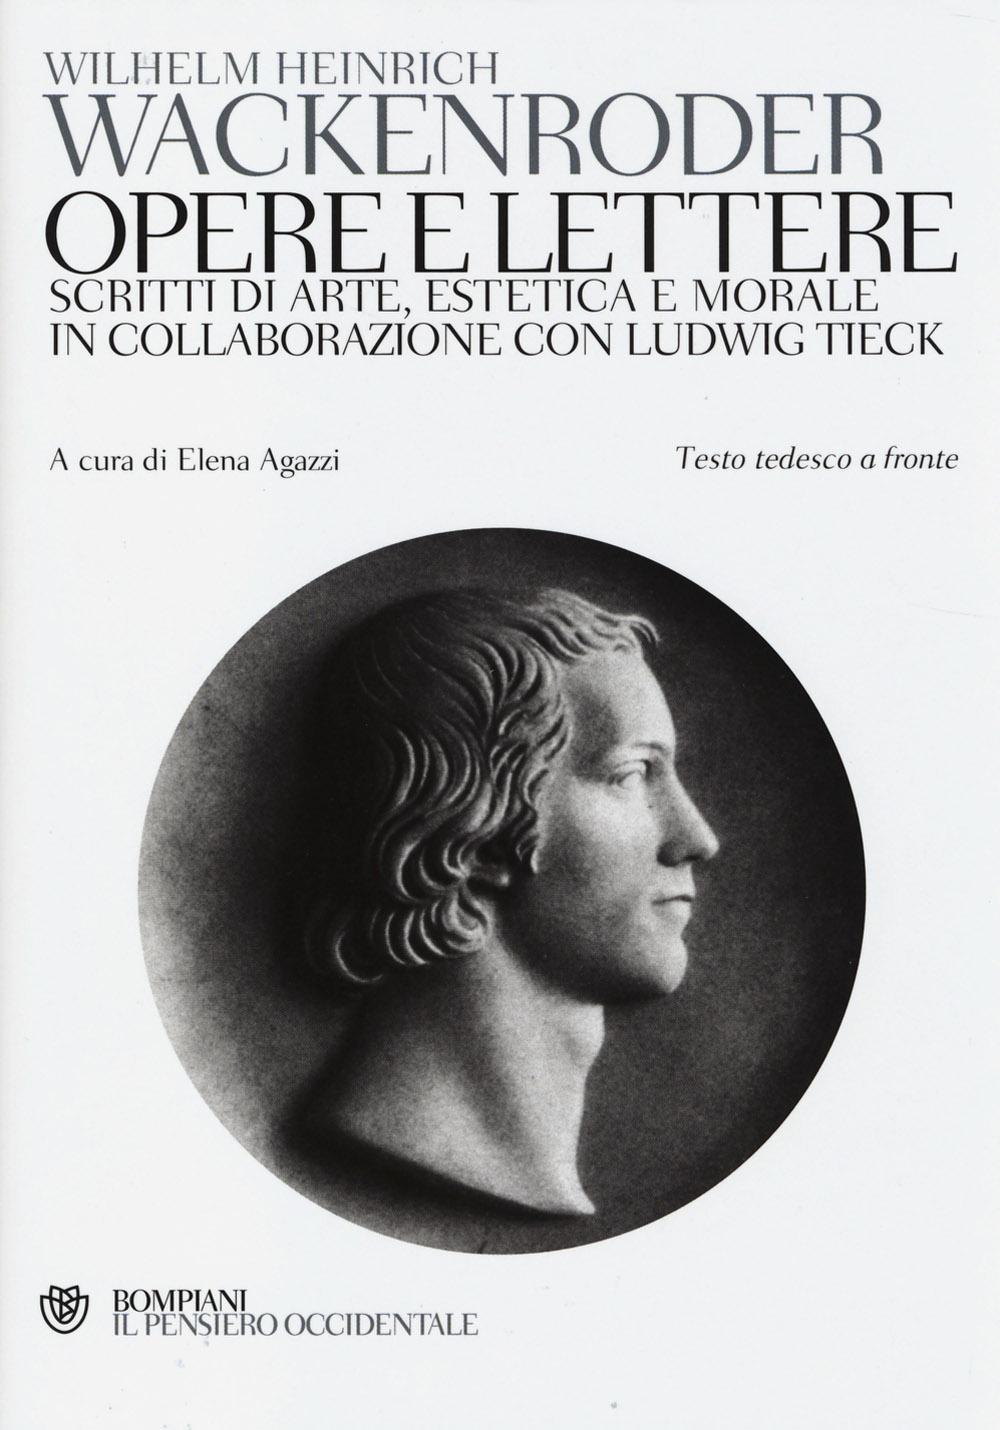 Opere e lettere. Scritti di arte, estetica e morale in collaborazione con Ludwig Tieck. Testo tedesco a fronte